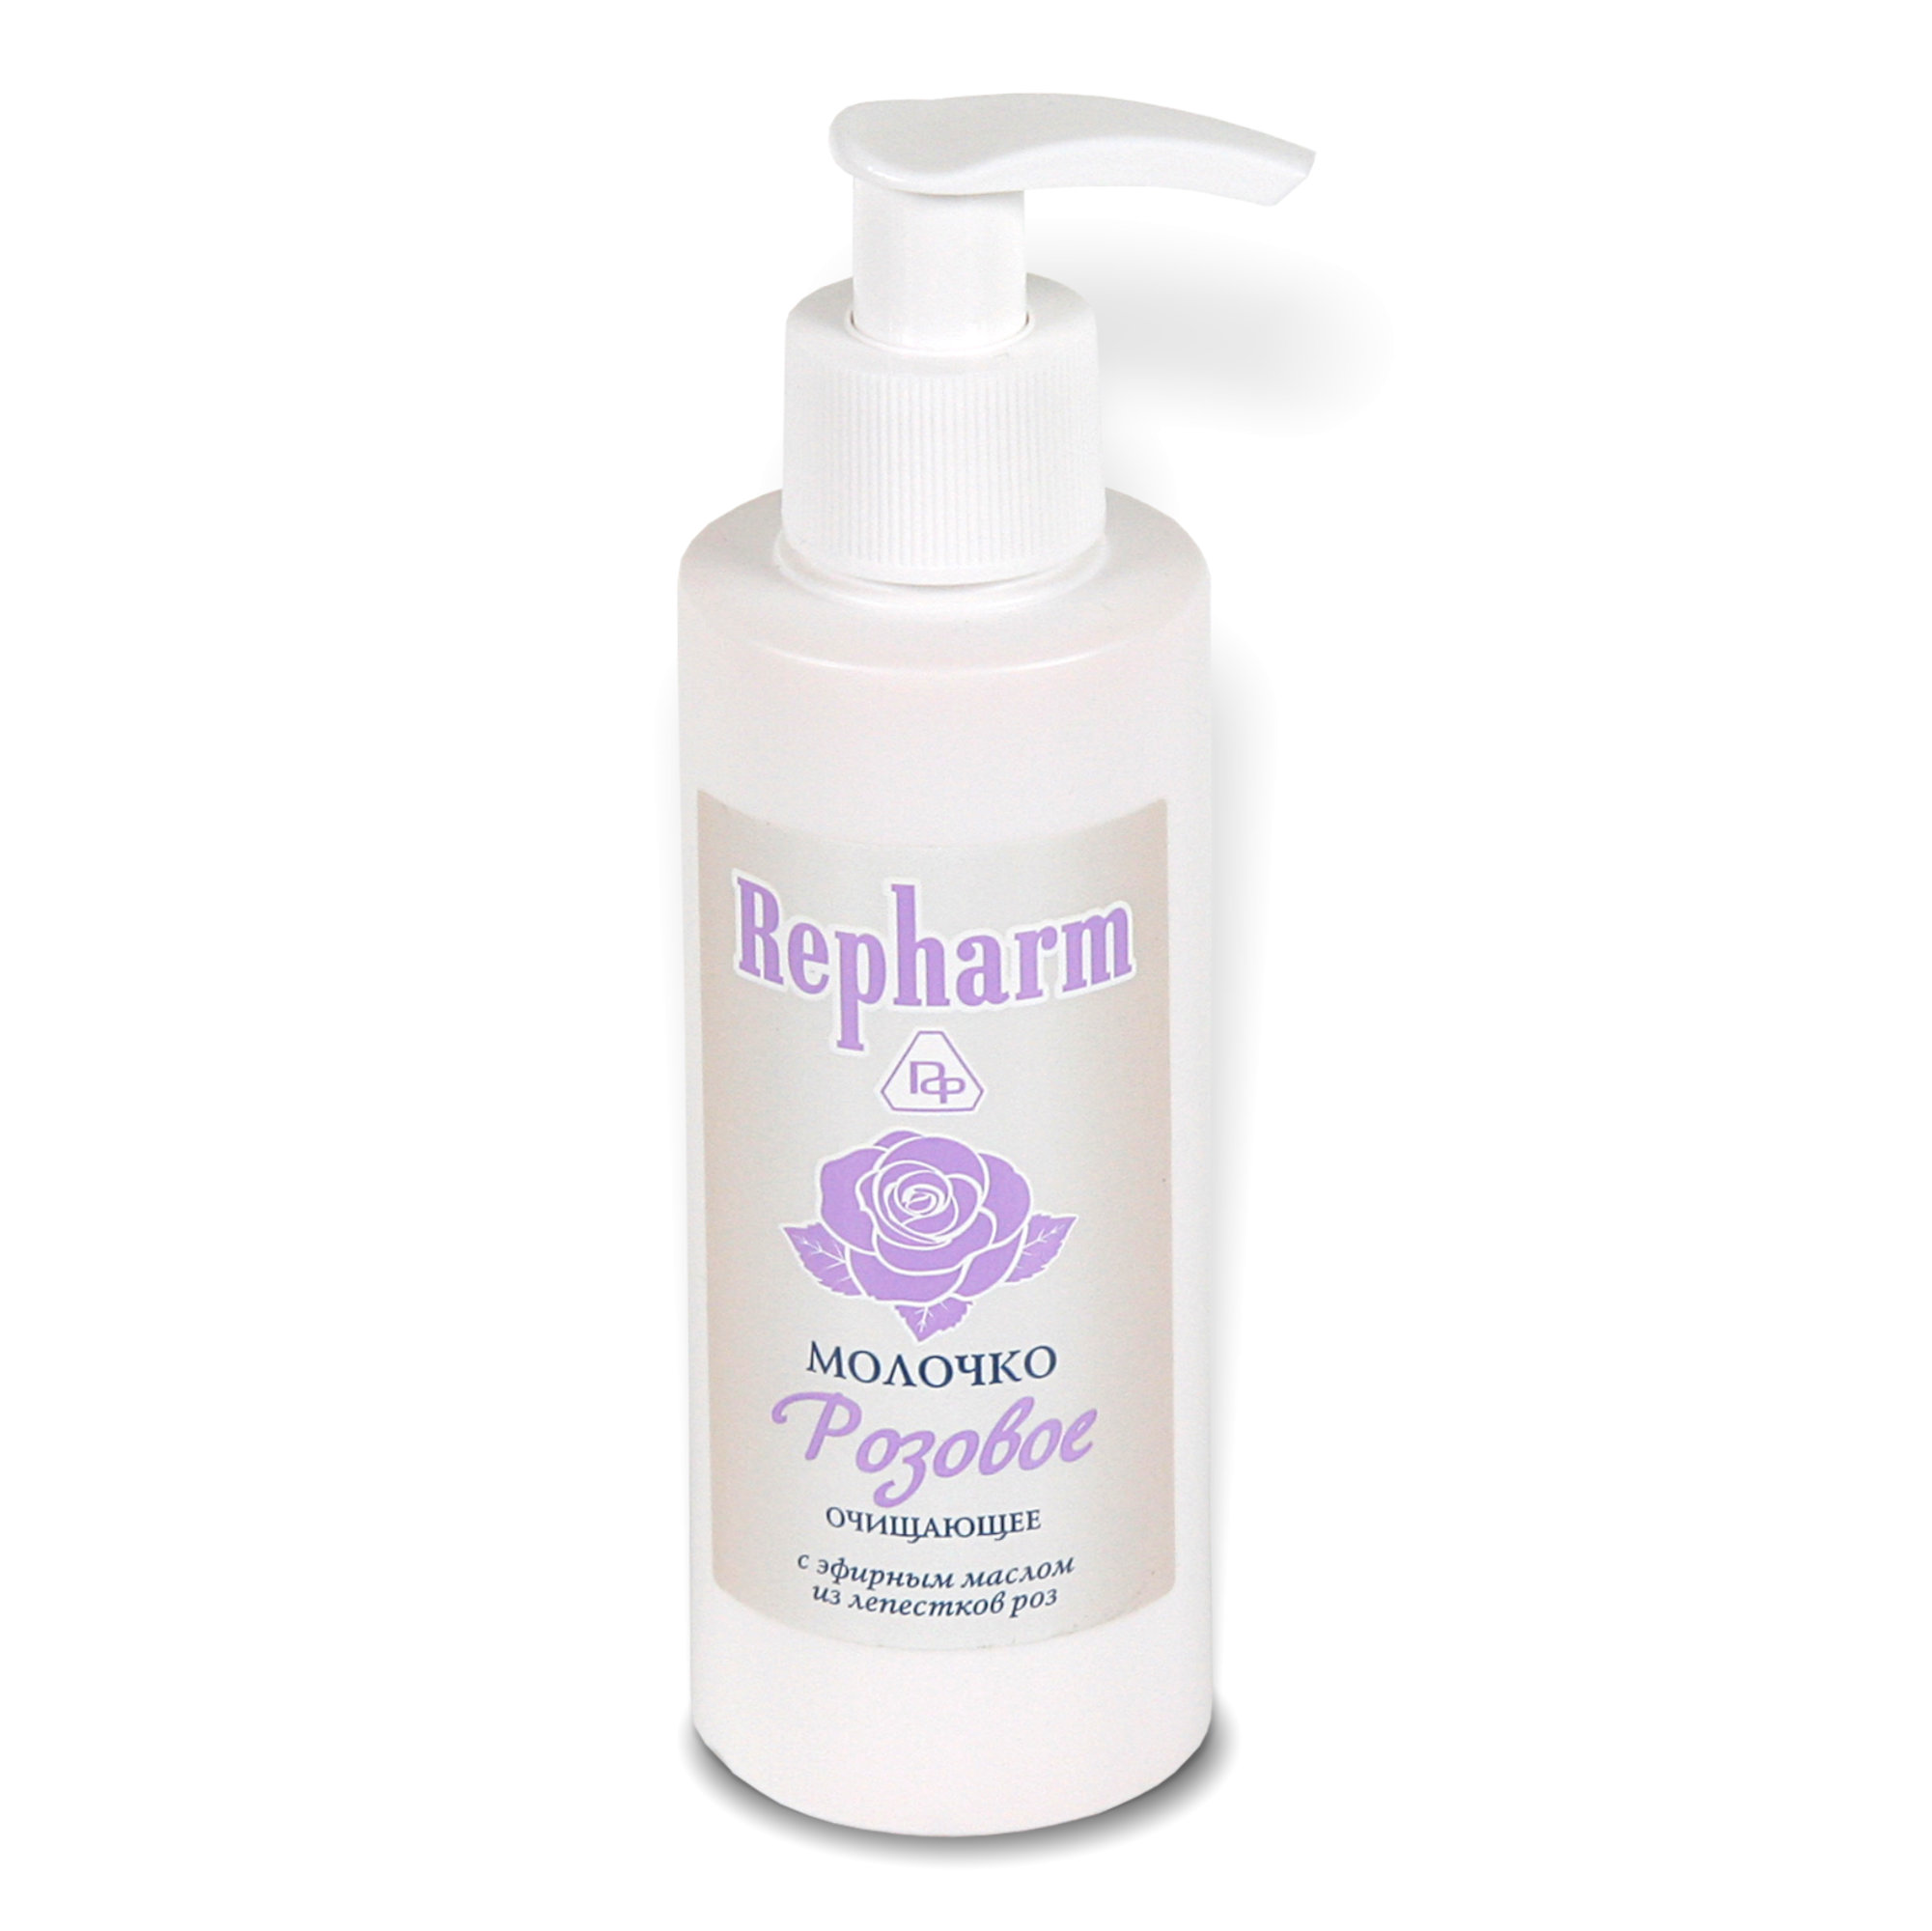 РЕФАРМ Молочко очищающее  РОЗОВОЕ  / Repharm 150мл